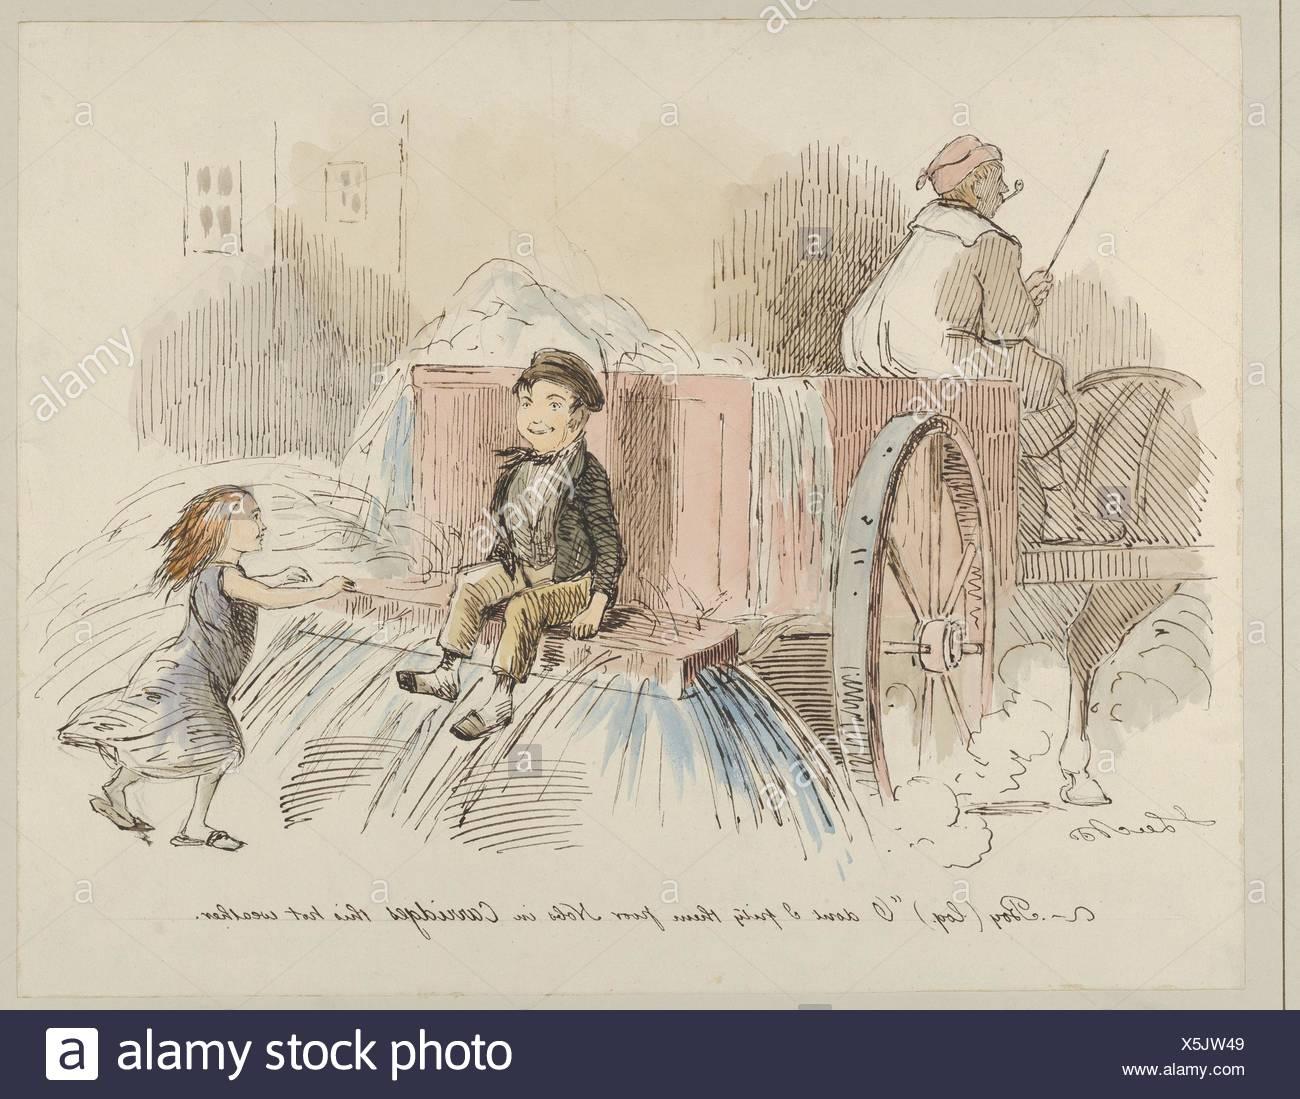 Ragazzo (LOQ.) o non ho pietà di loro poveri Nobs in carrelli questo caldo. Artista: John Leech (British, Londra Londra 1817-1864); data: 1830-64; medie: Immagini Stock